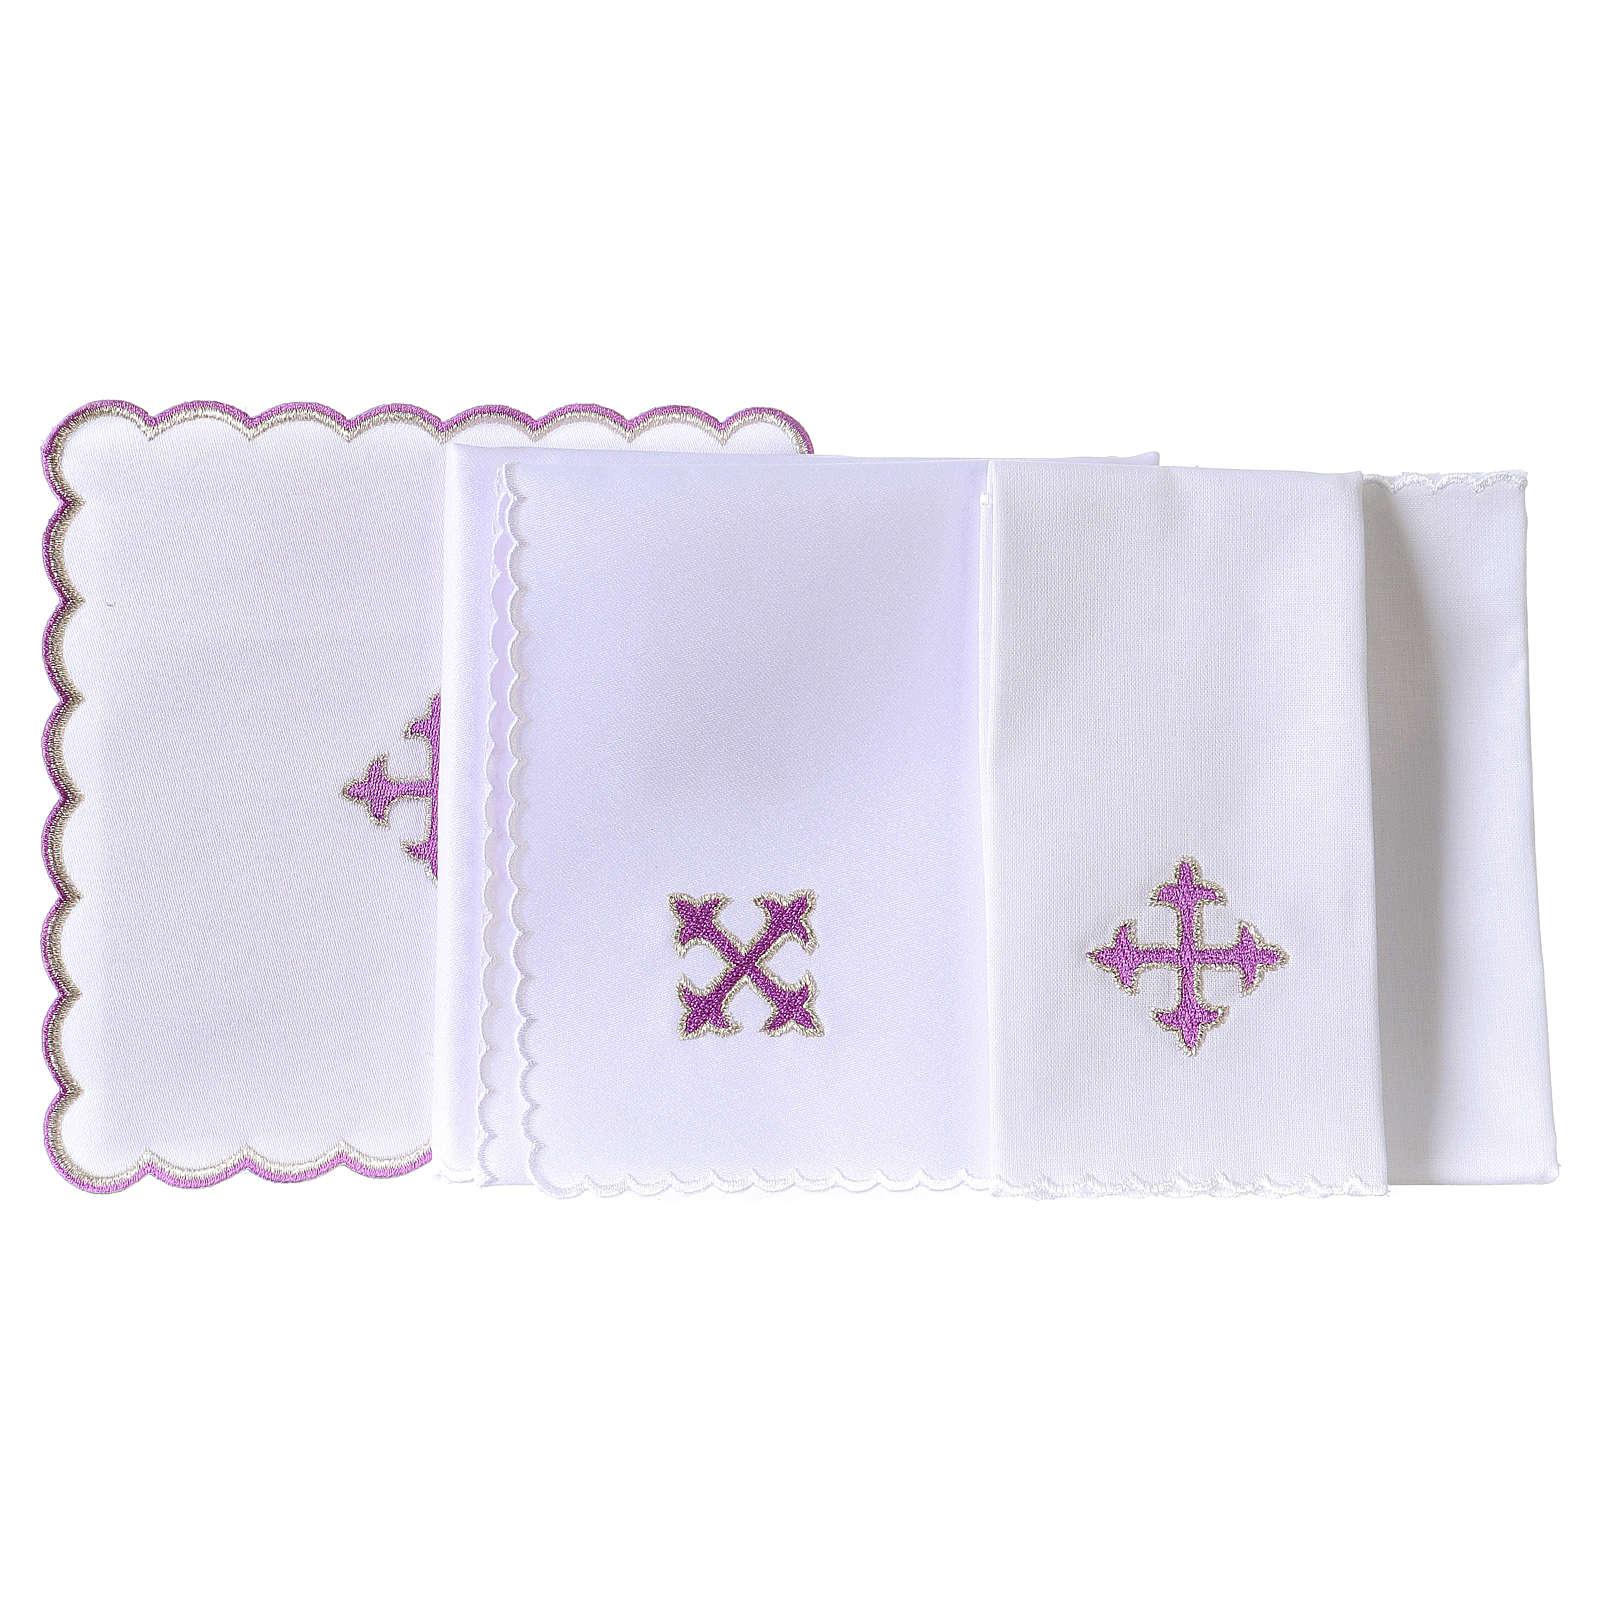 Kelchwäsche aus Baumwolle violetten Kreuz 4